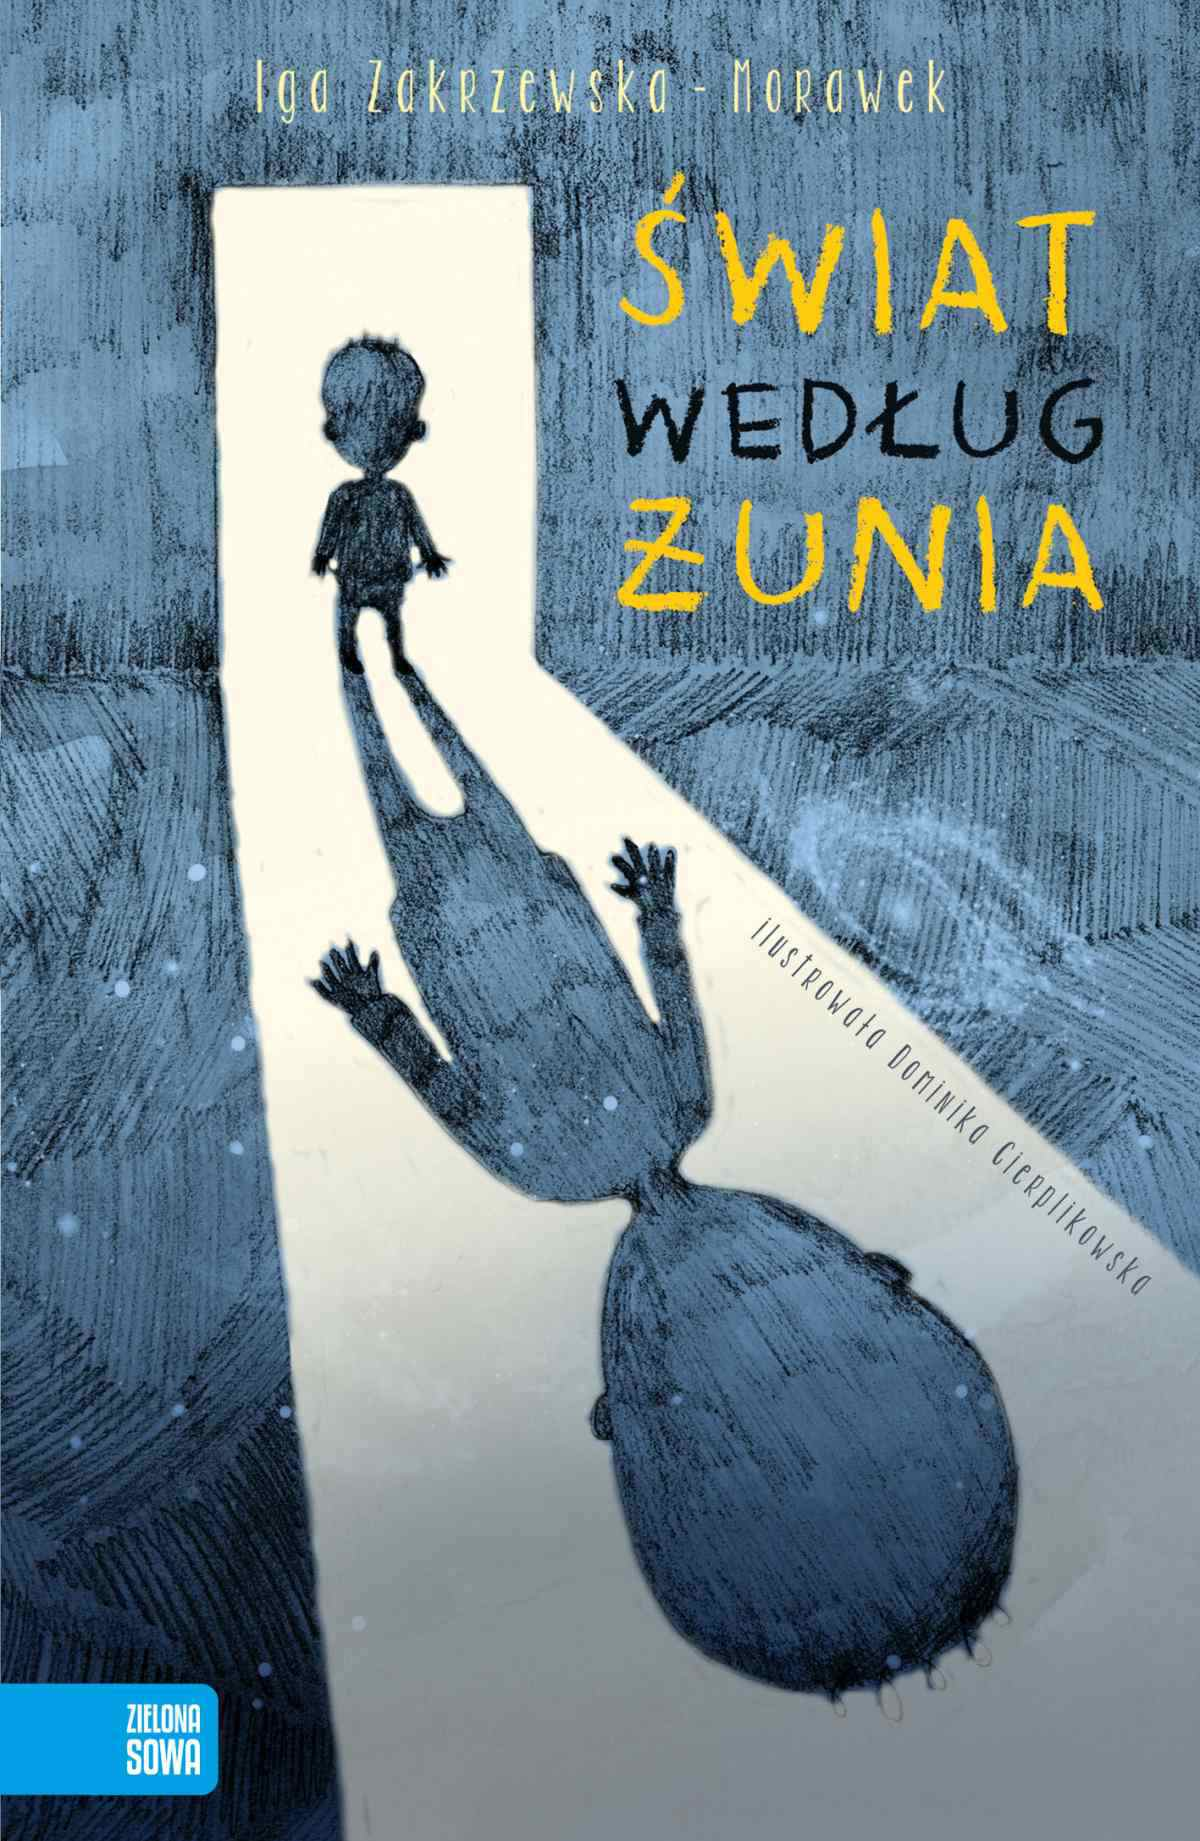 Świat według Żunia - Ebook (Książka EPUB) do pobrania w formacie EPUB